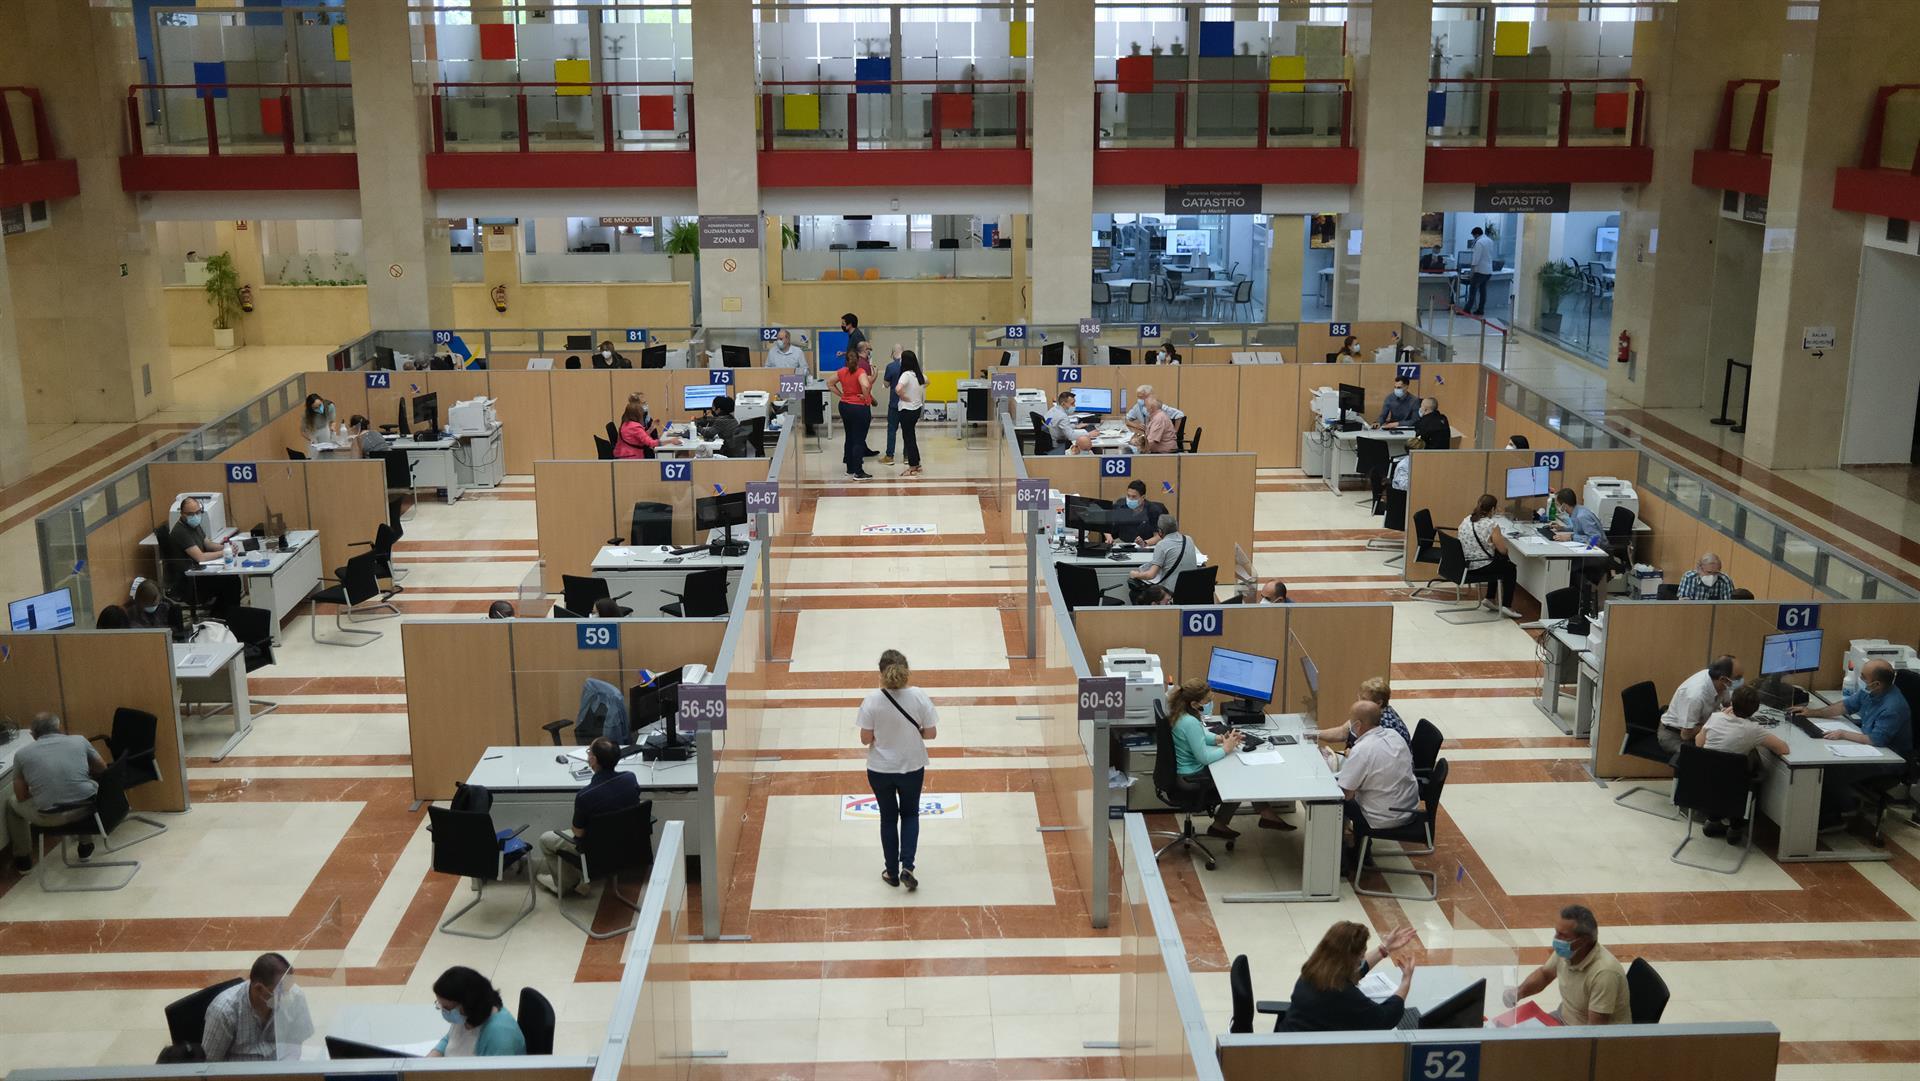 Empleados atienden a contribuyentes de manera presencial desde una oficina de la Agencia Tributaria. – Cézaro De Luca – Europa Press